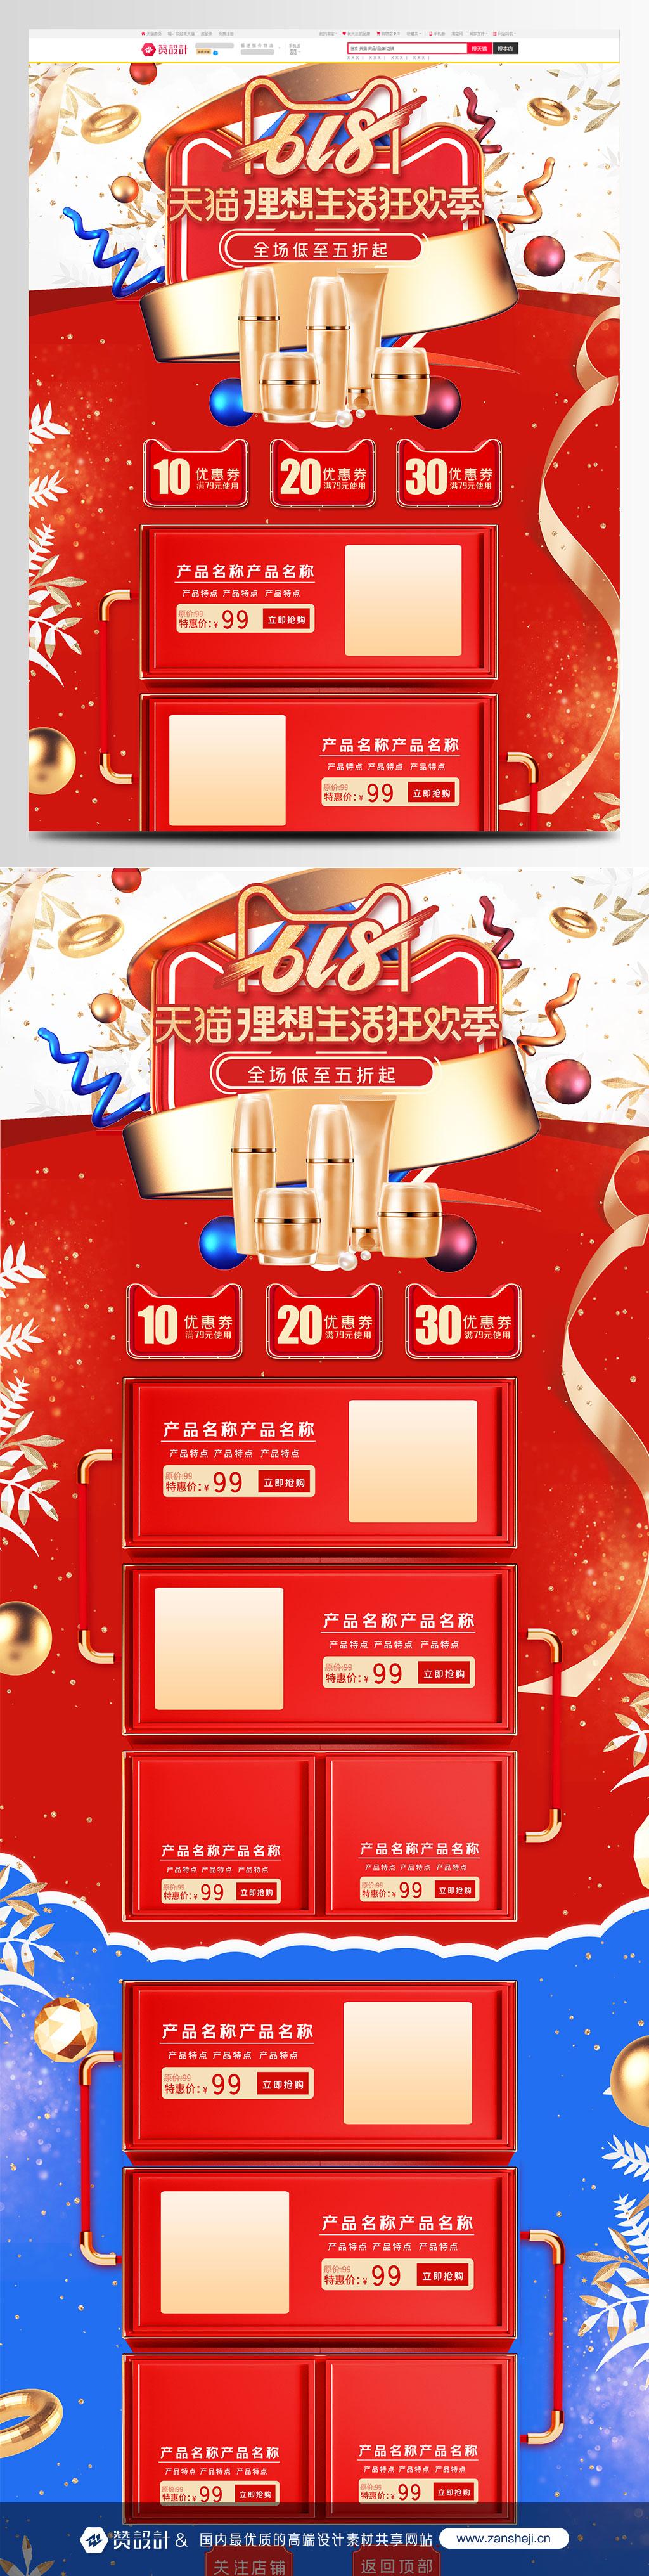 97红色红金喜庆618年中大促电商首页